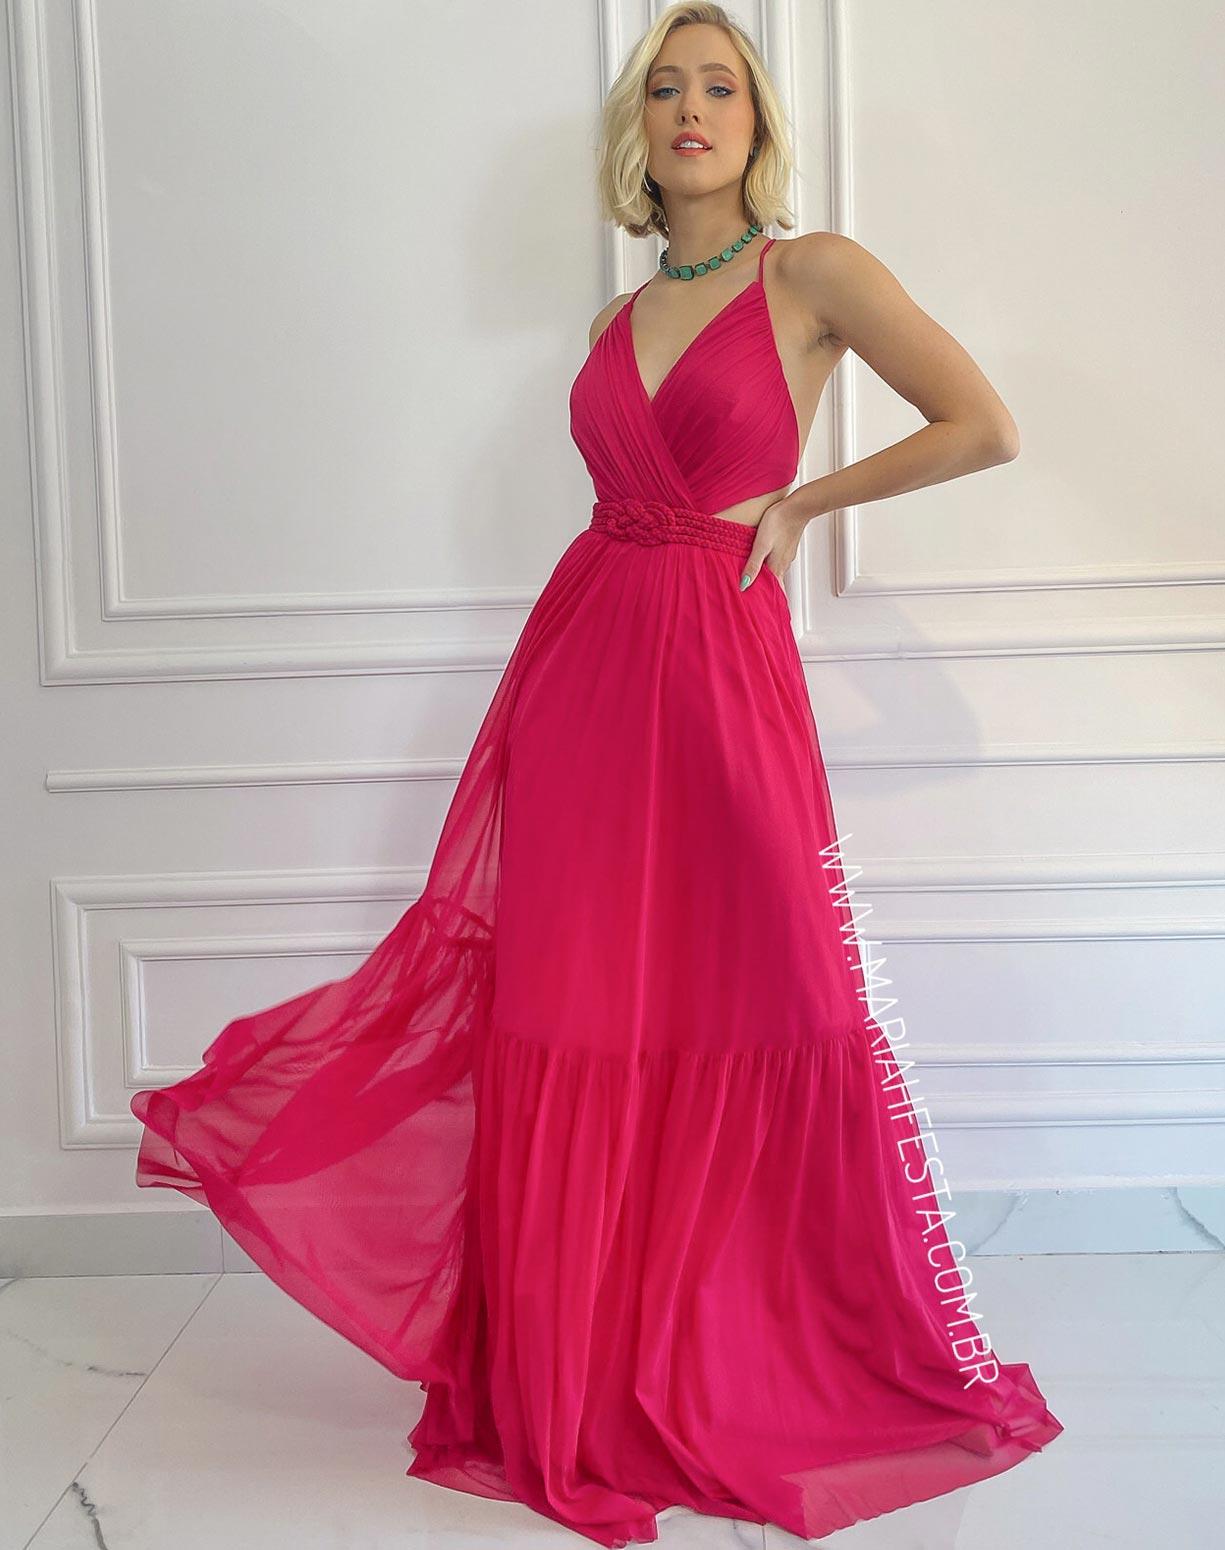 Vestido Rosa Pink em Tule com Cinto em Macramê